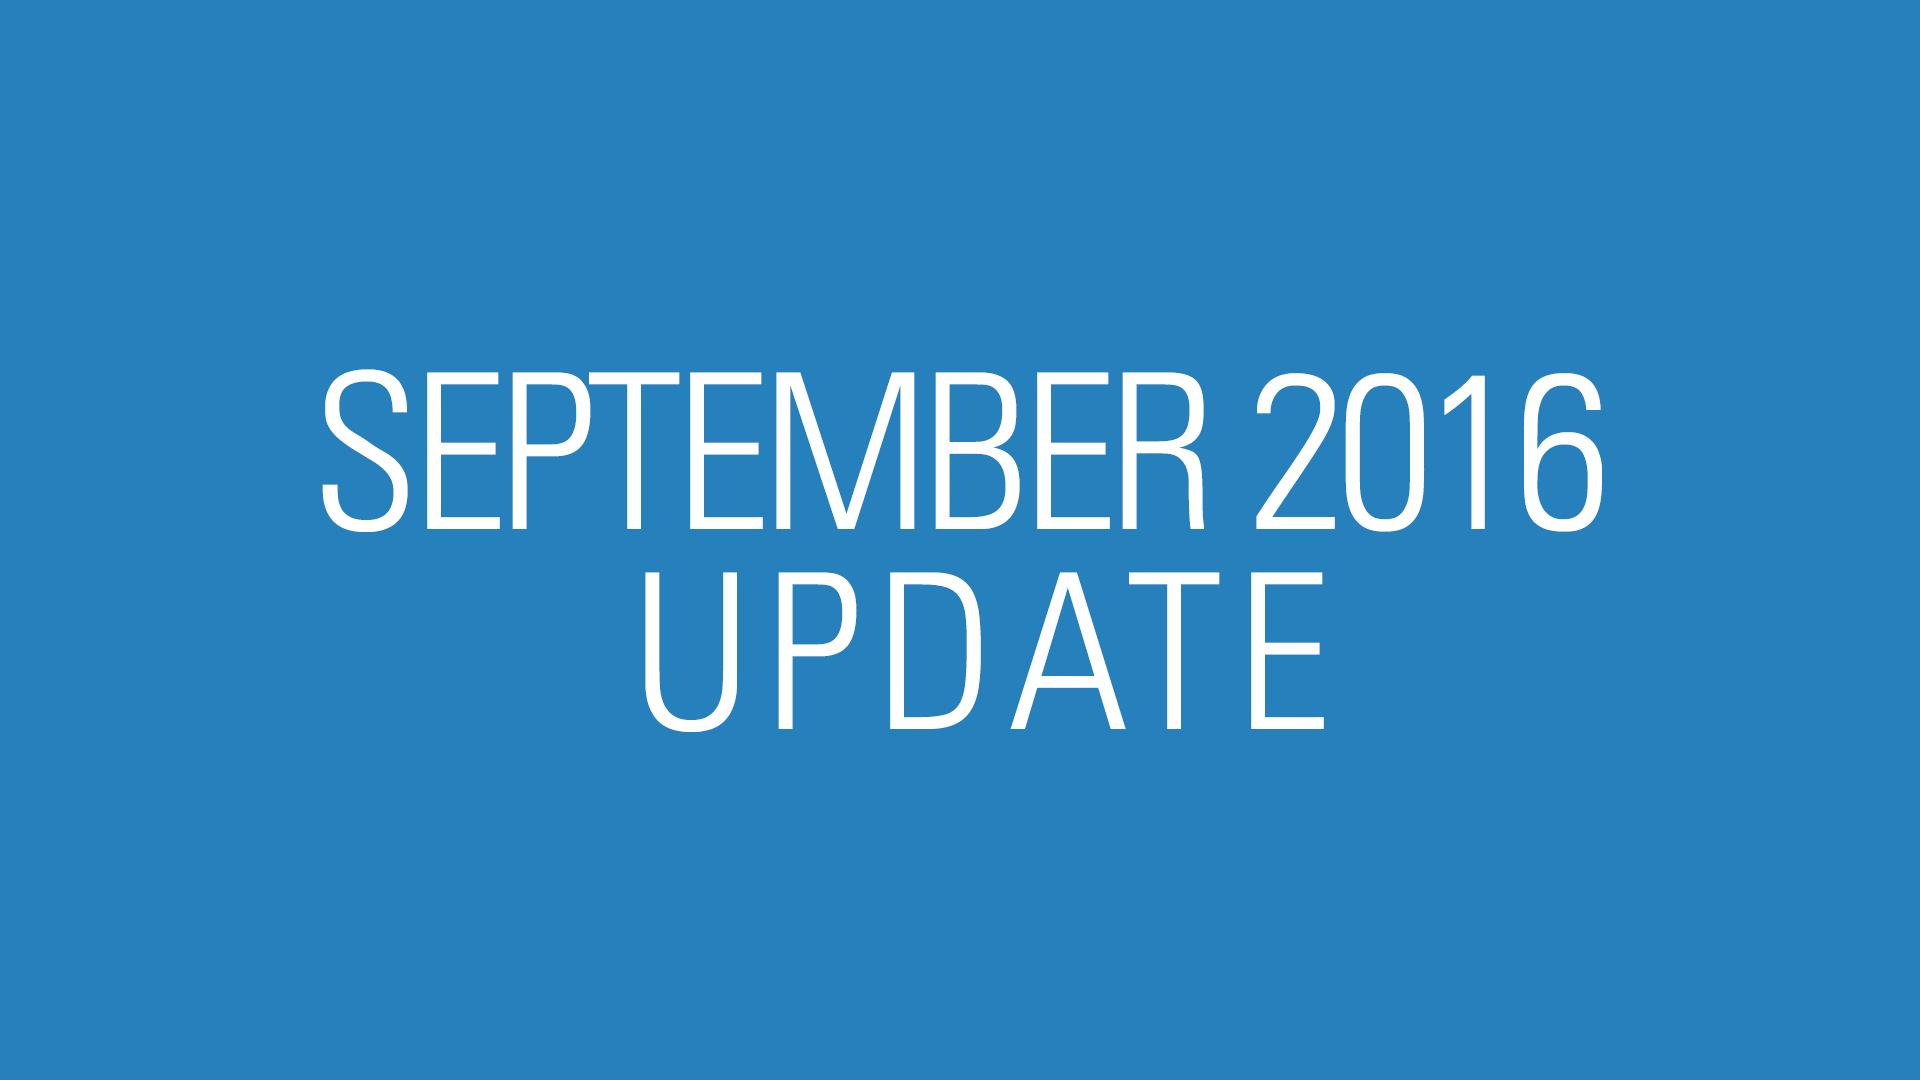 September 2016 Update